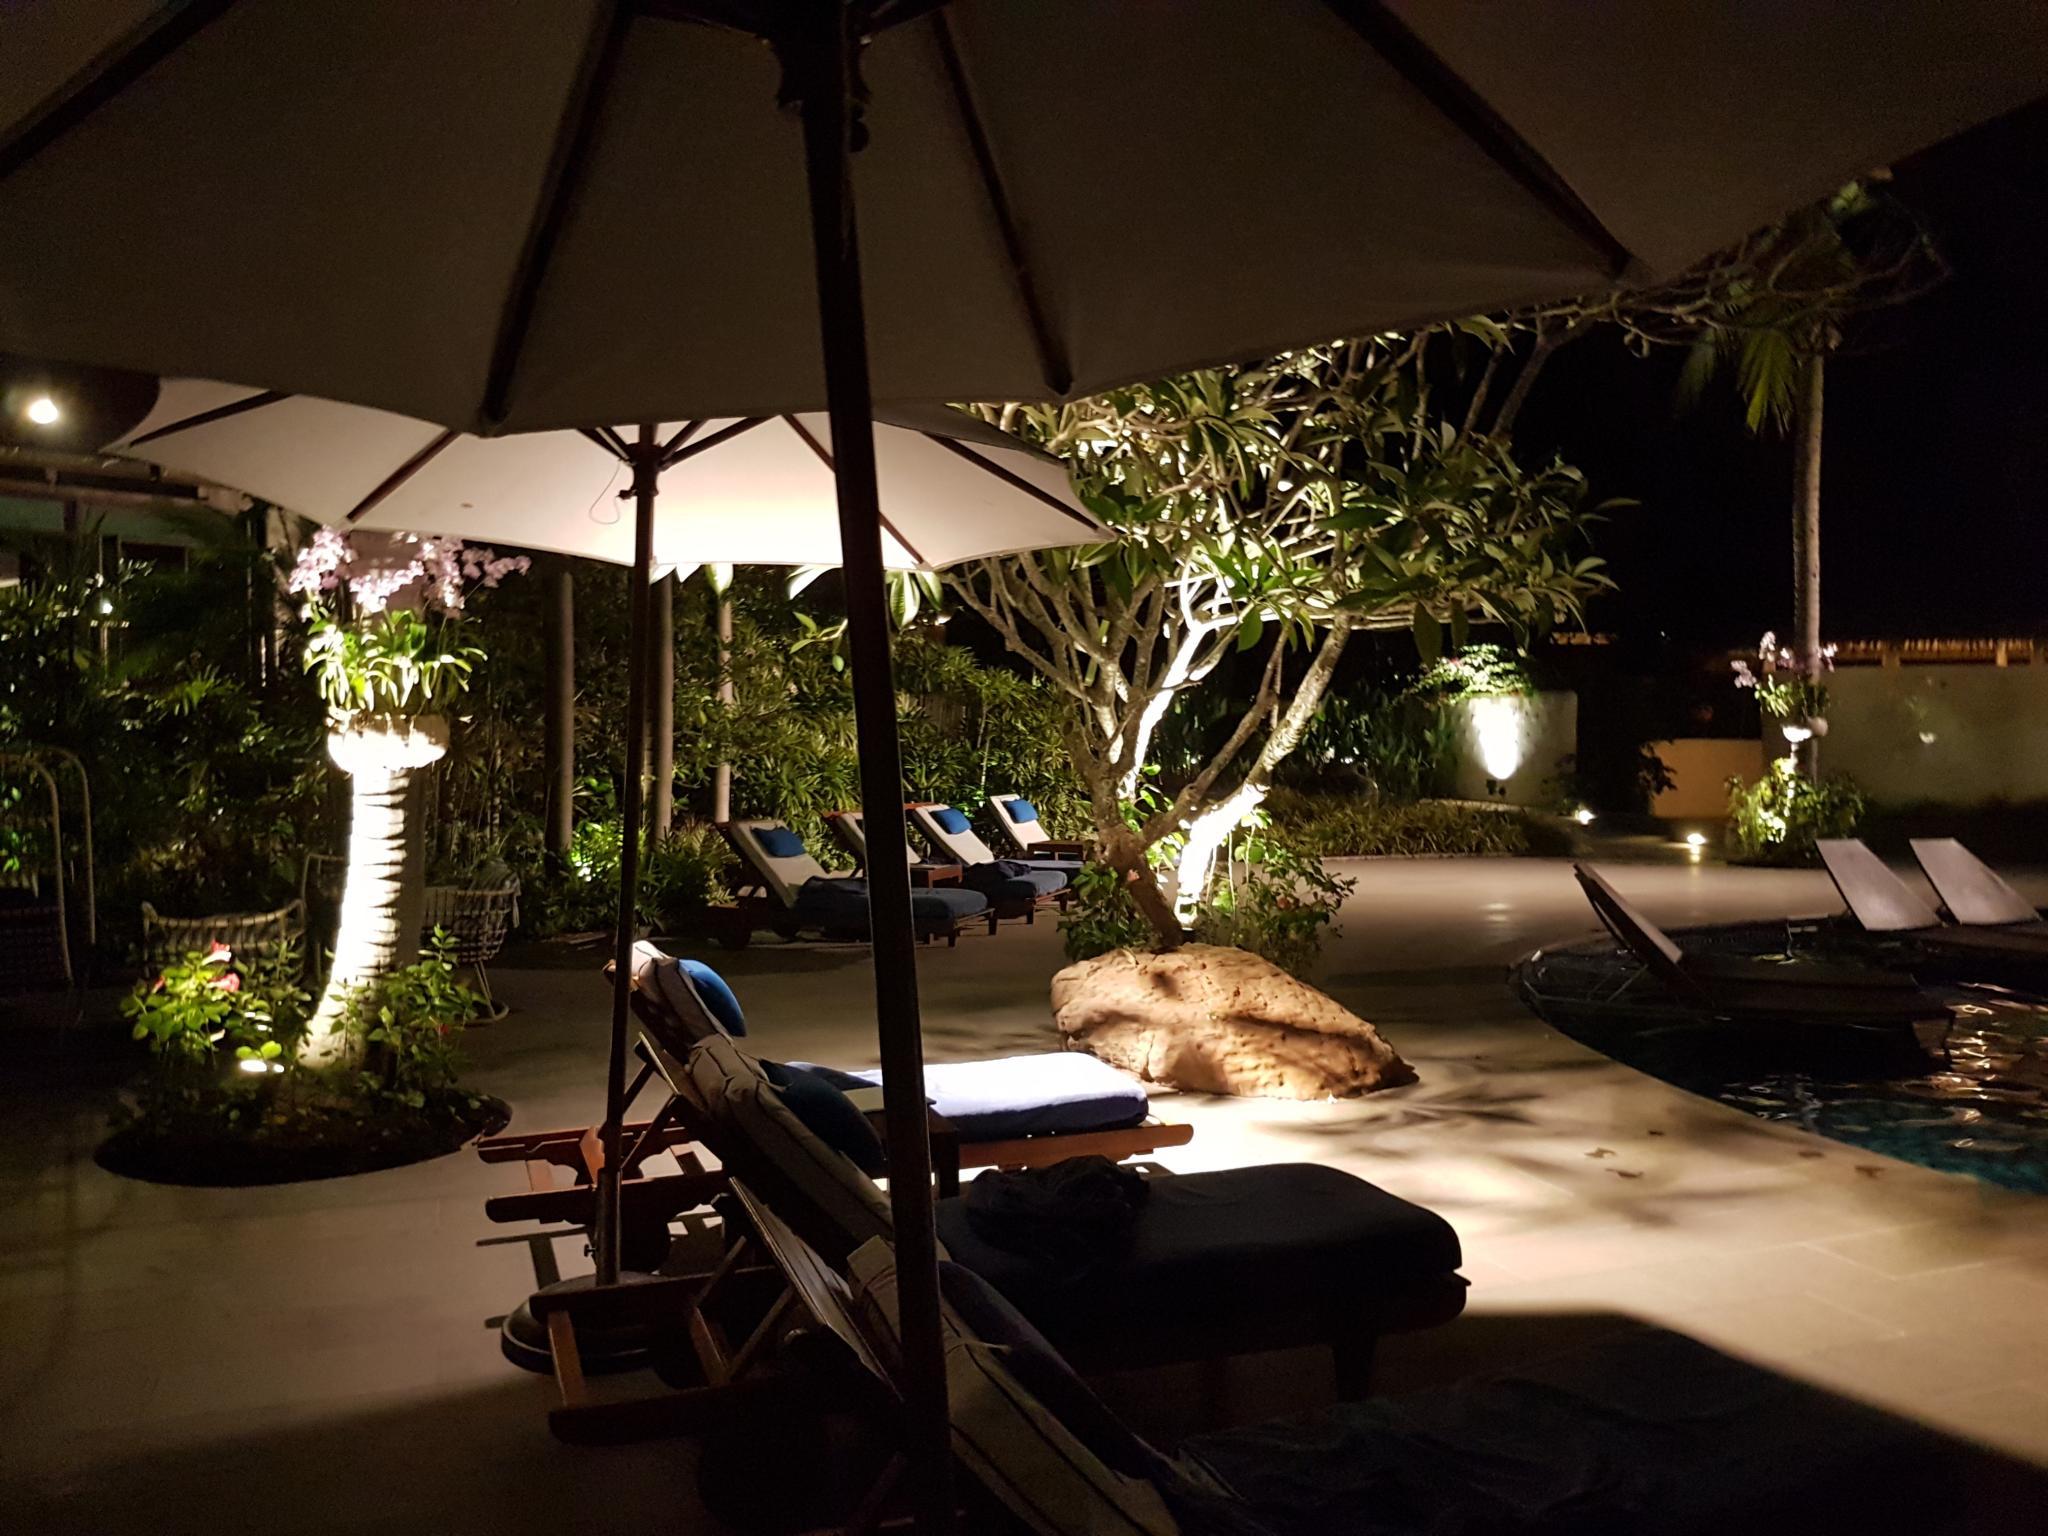 Bang Saray beach wedding & villa.-20191229_184505-jpg